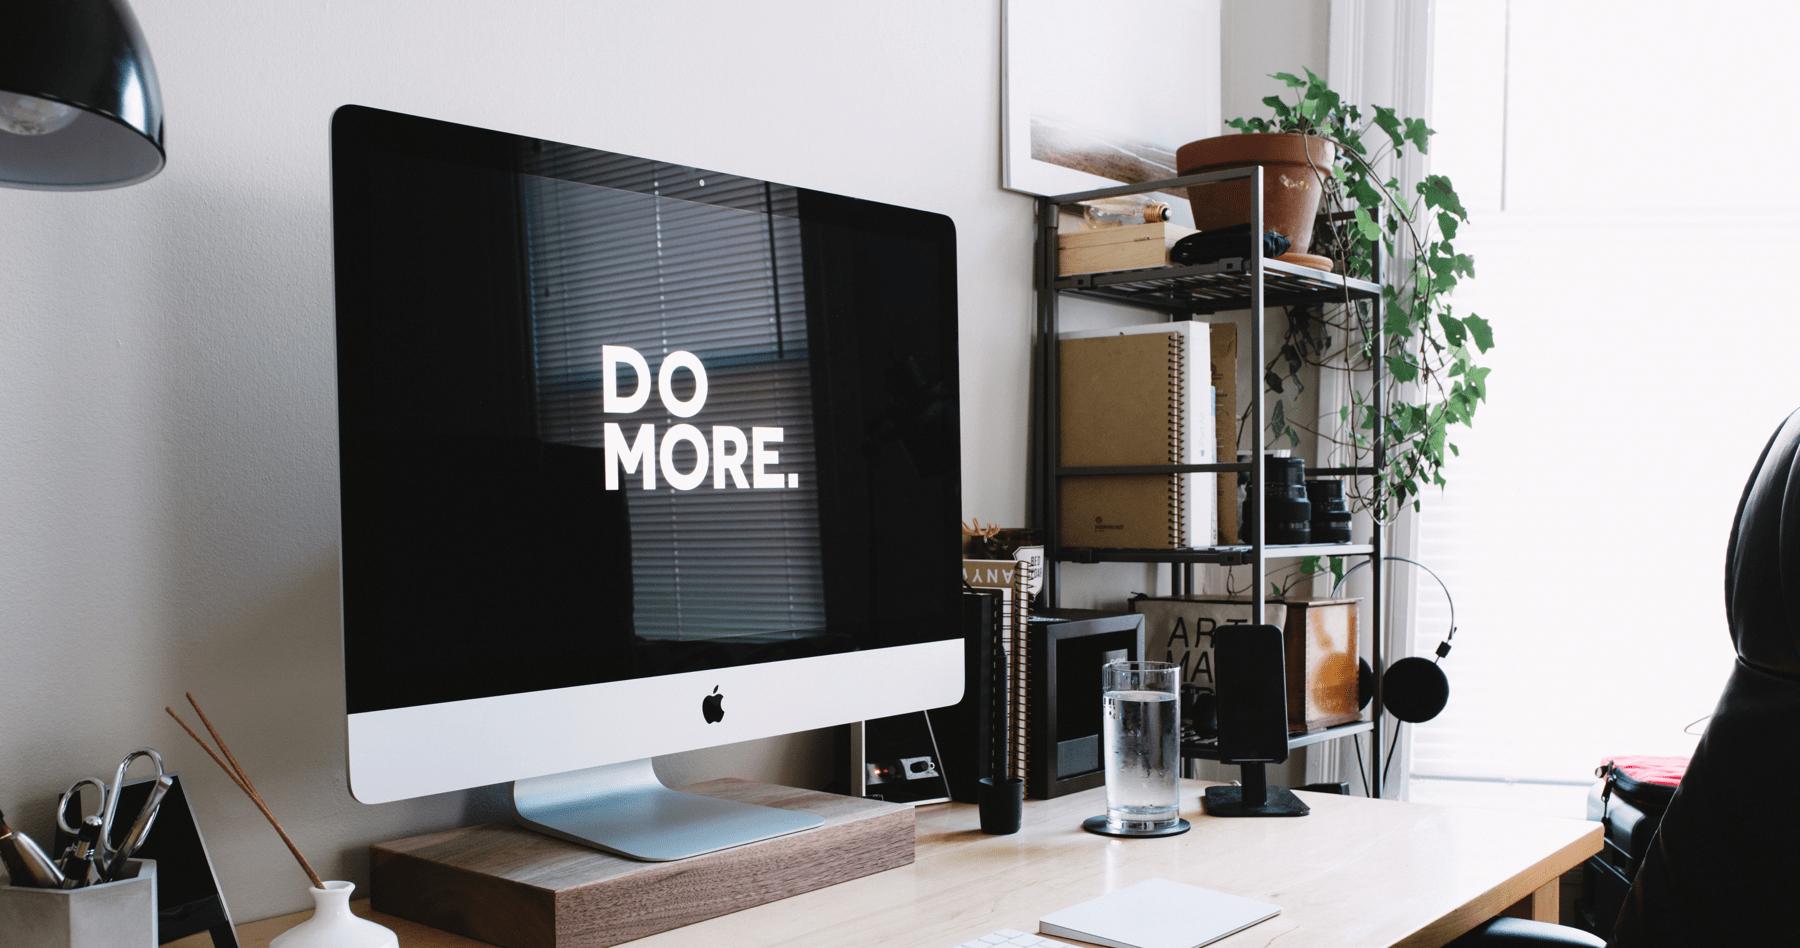 5 applications pour s'organiser au quotidien